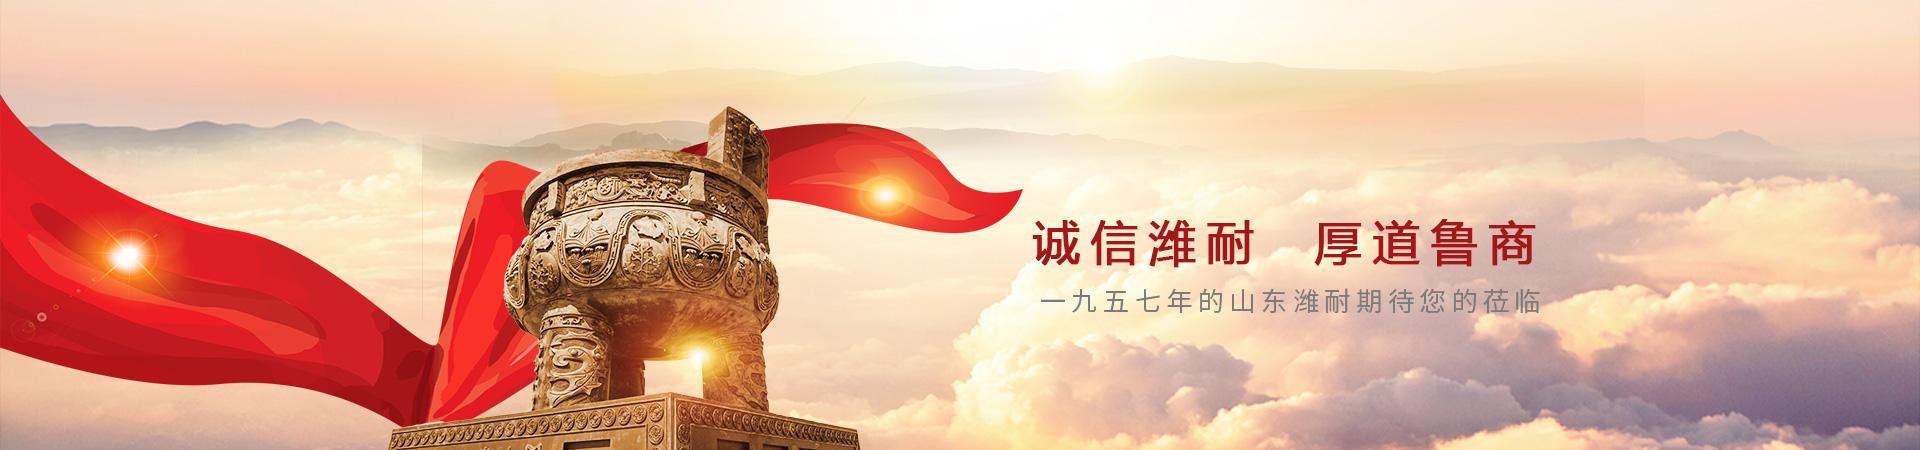 http://www.weinai1957.com/data/upload/202012/20201226115255_983.jpg